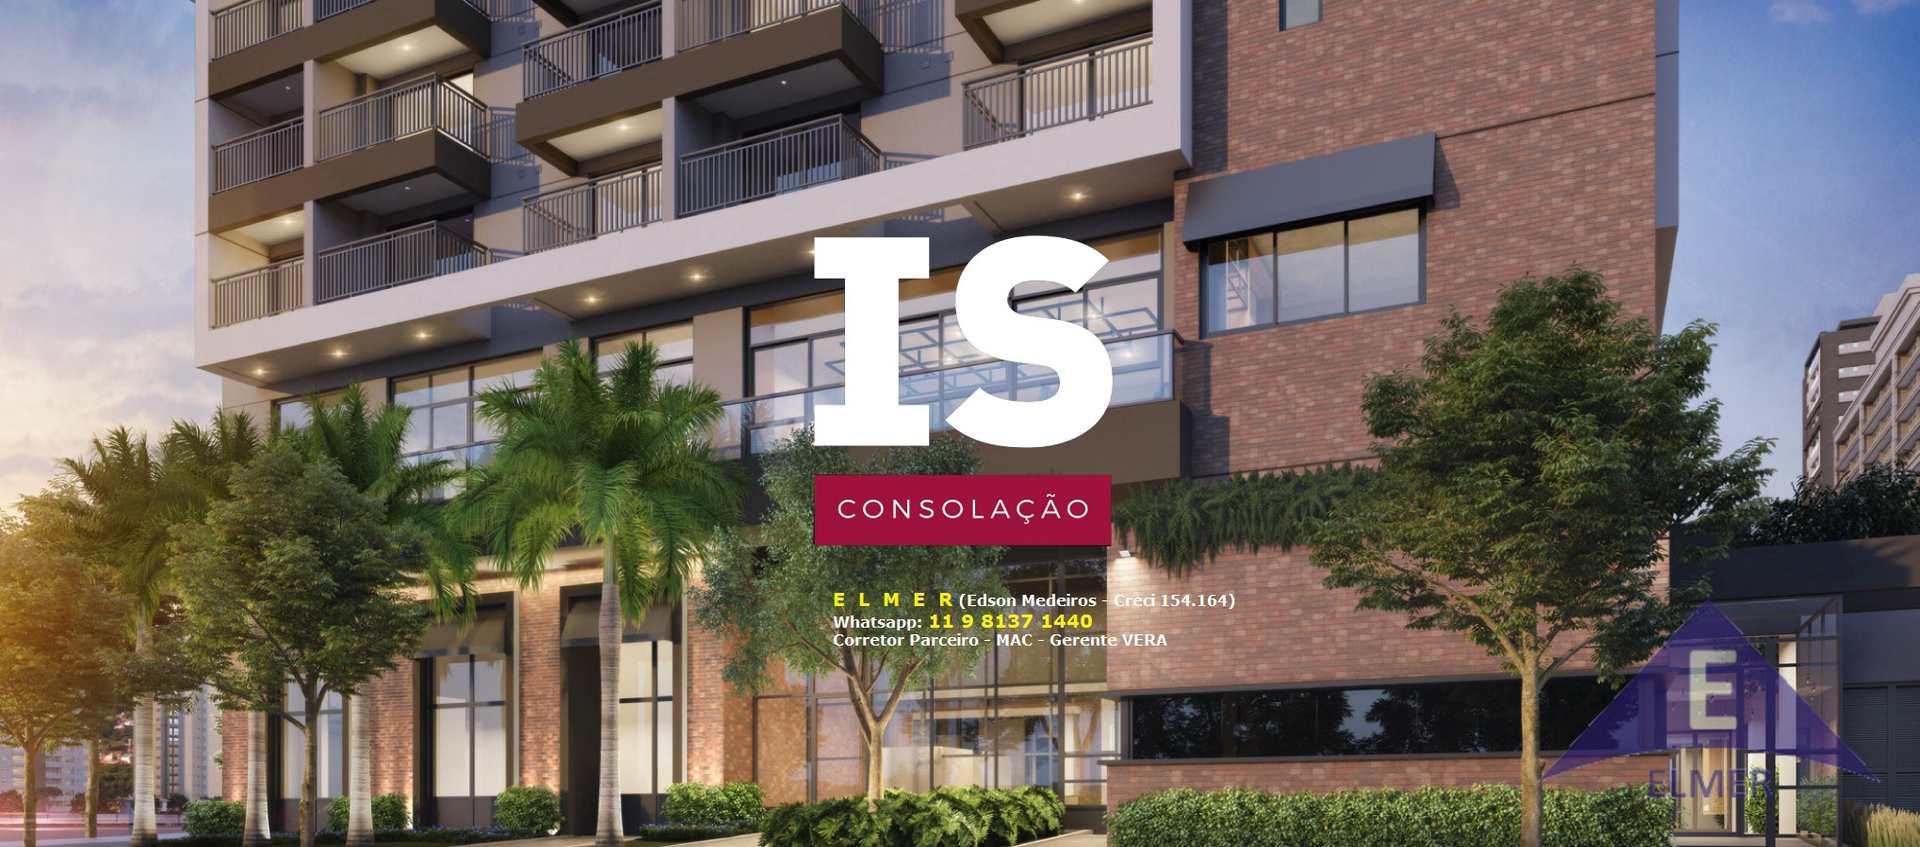 IS CONSOLAÇÃO - SP Studios de 26 e 37 m² - Aptos de 44 m² - Próximo da Estação Higienópolis do Metrô e da Universidade Mackenzie - Investimento ou Moradia